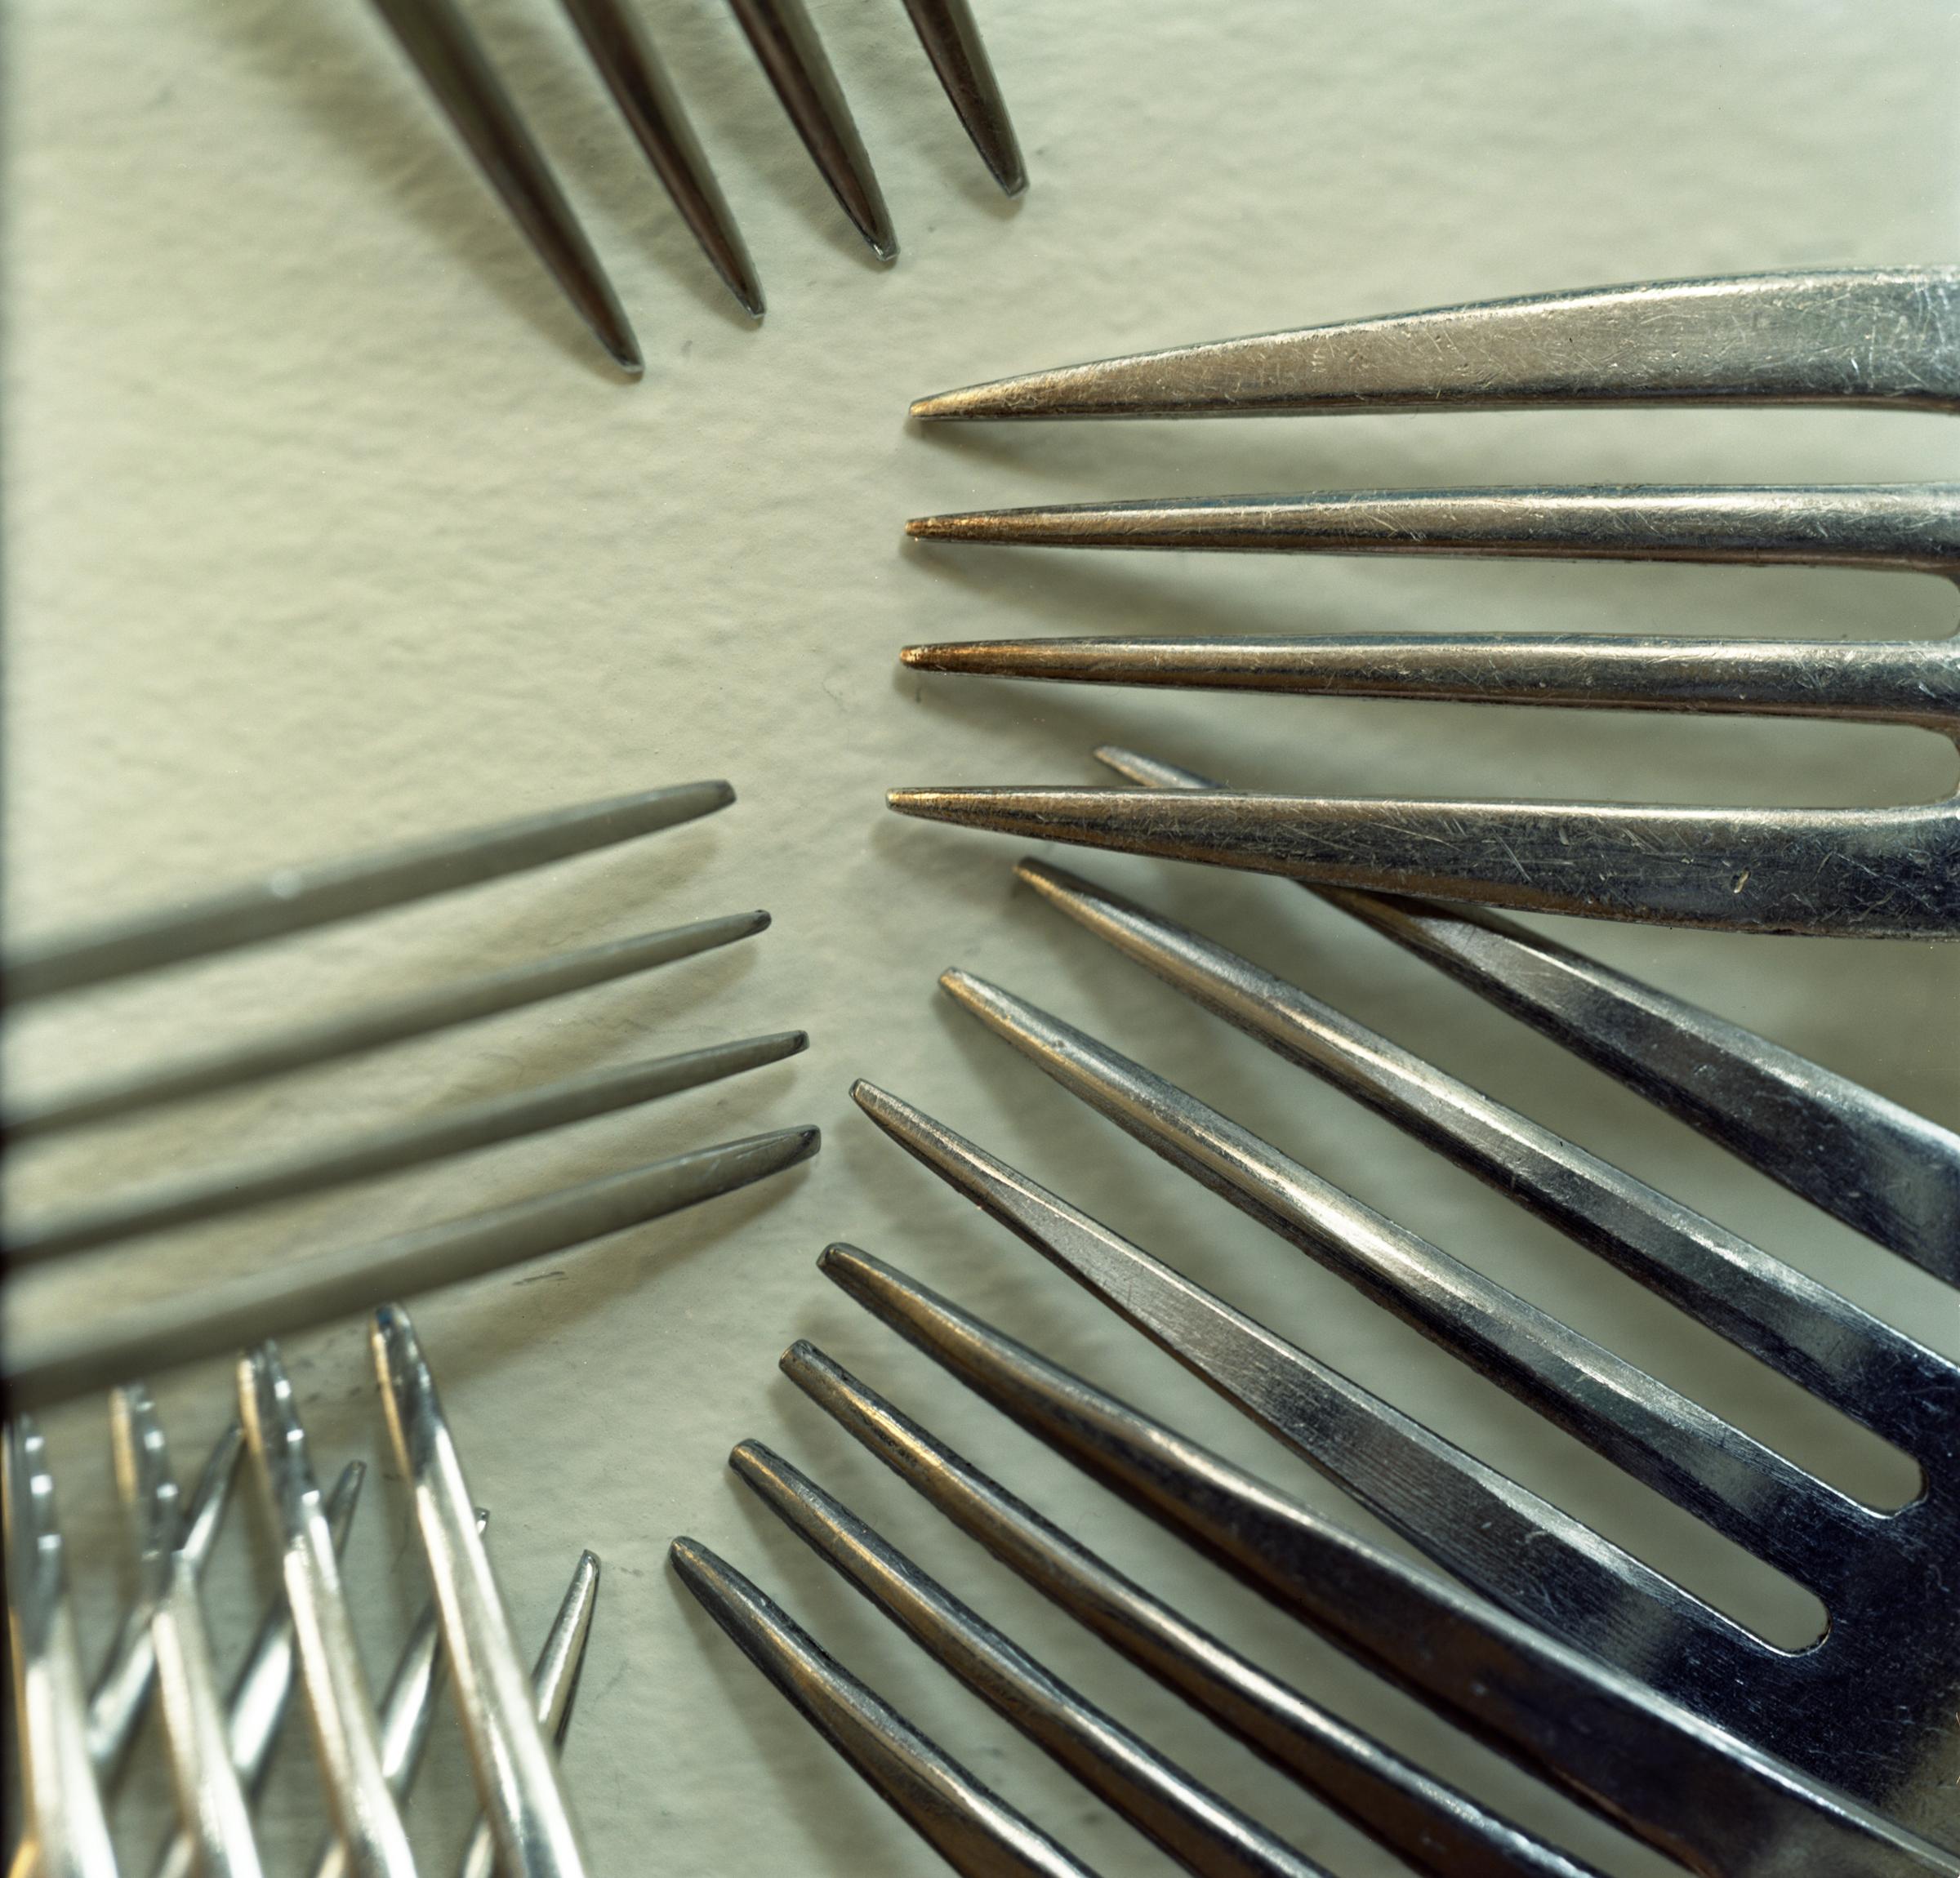 forks stabbing.jpg